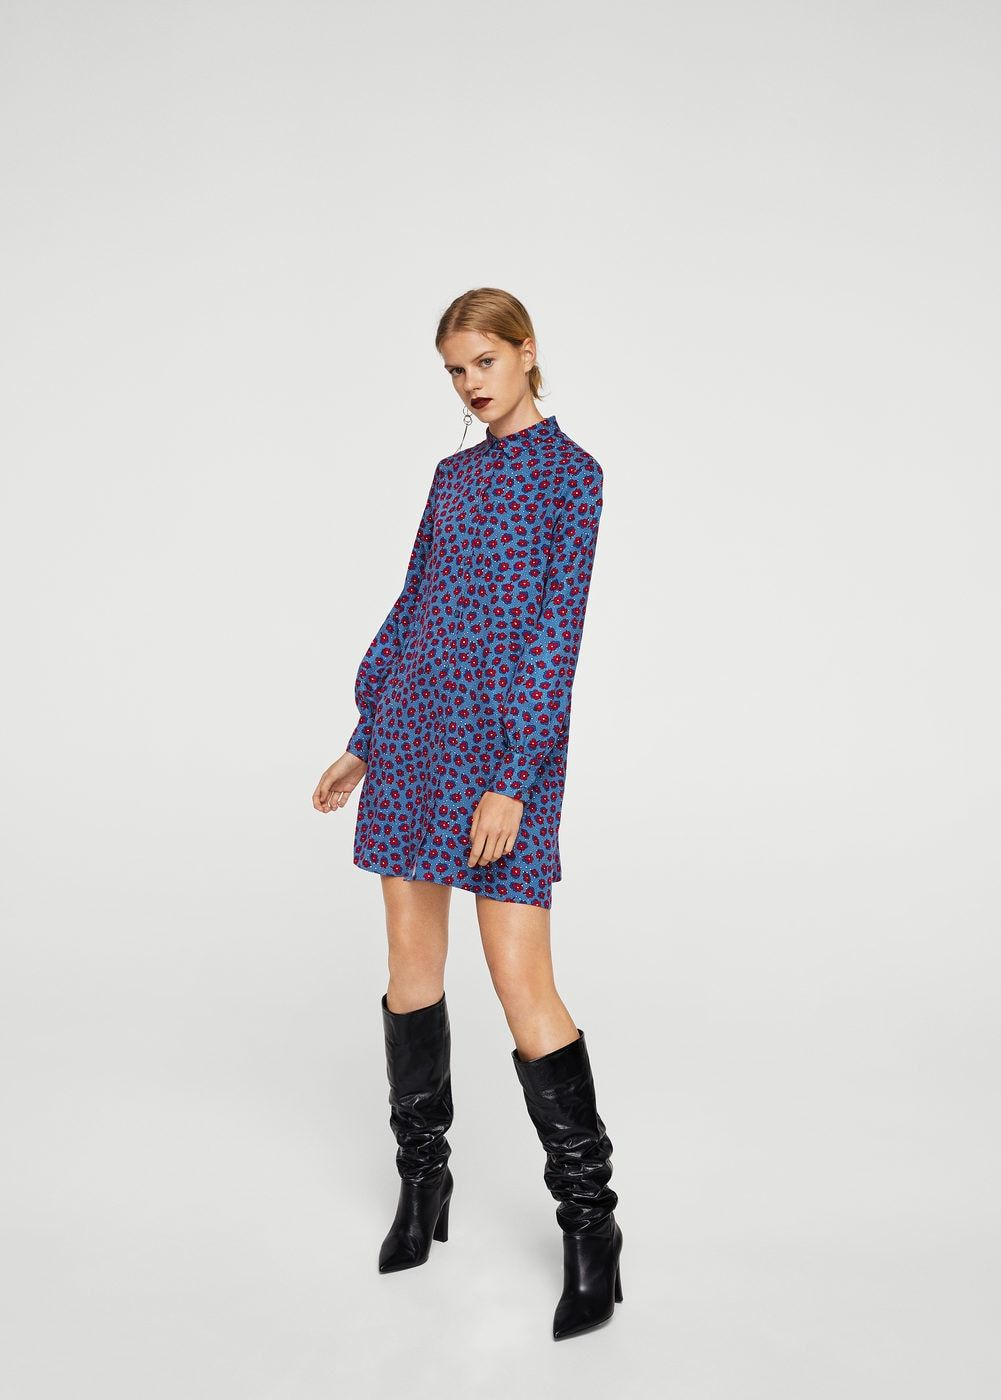 Vestido camisero estampado Vestidos de Mujer | ♥ I ♥ I